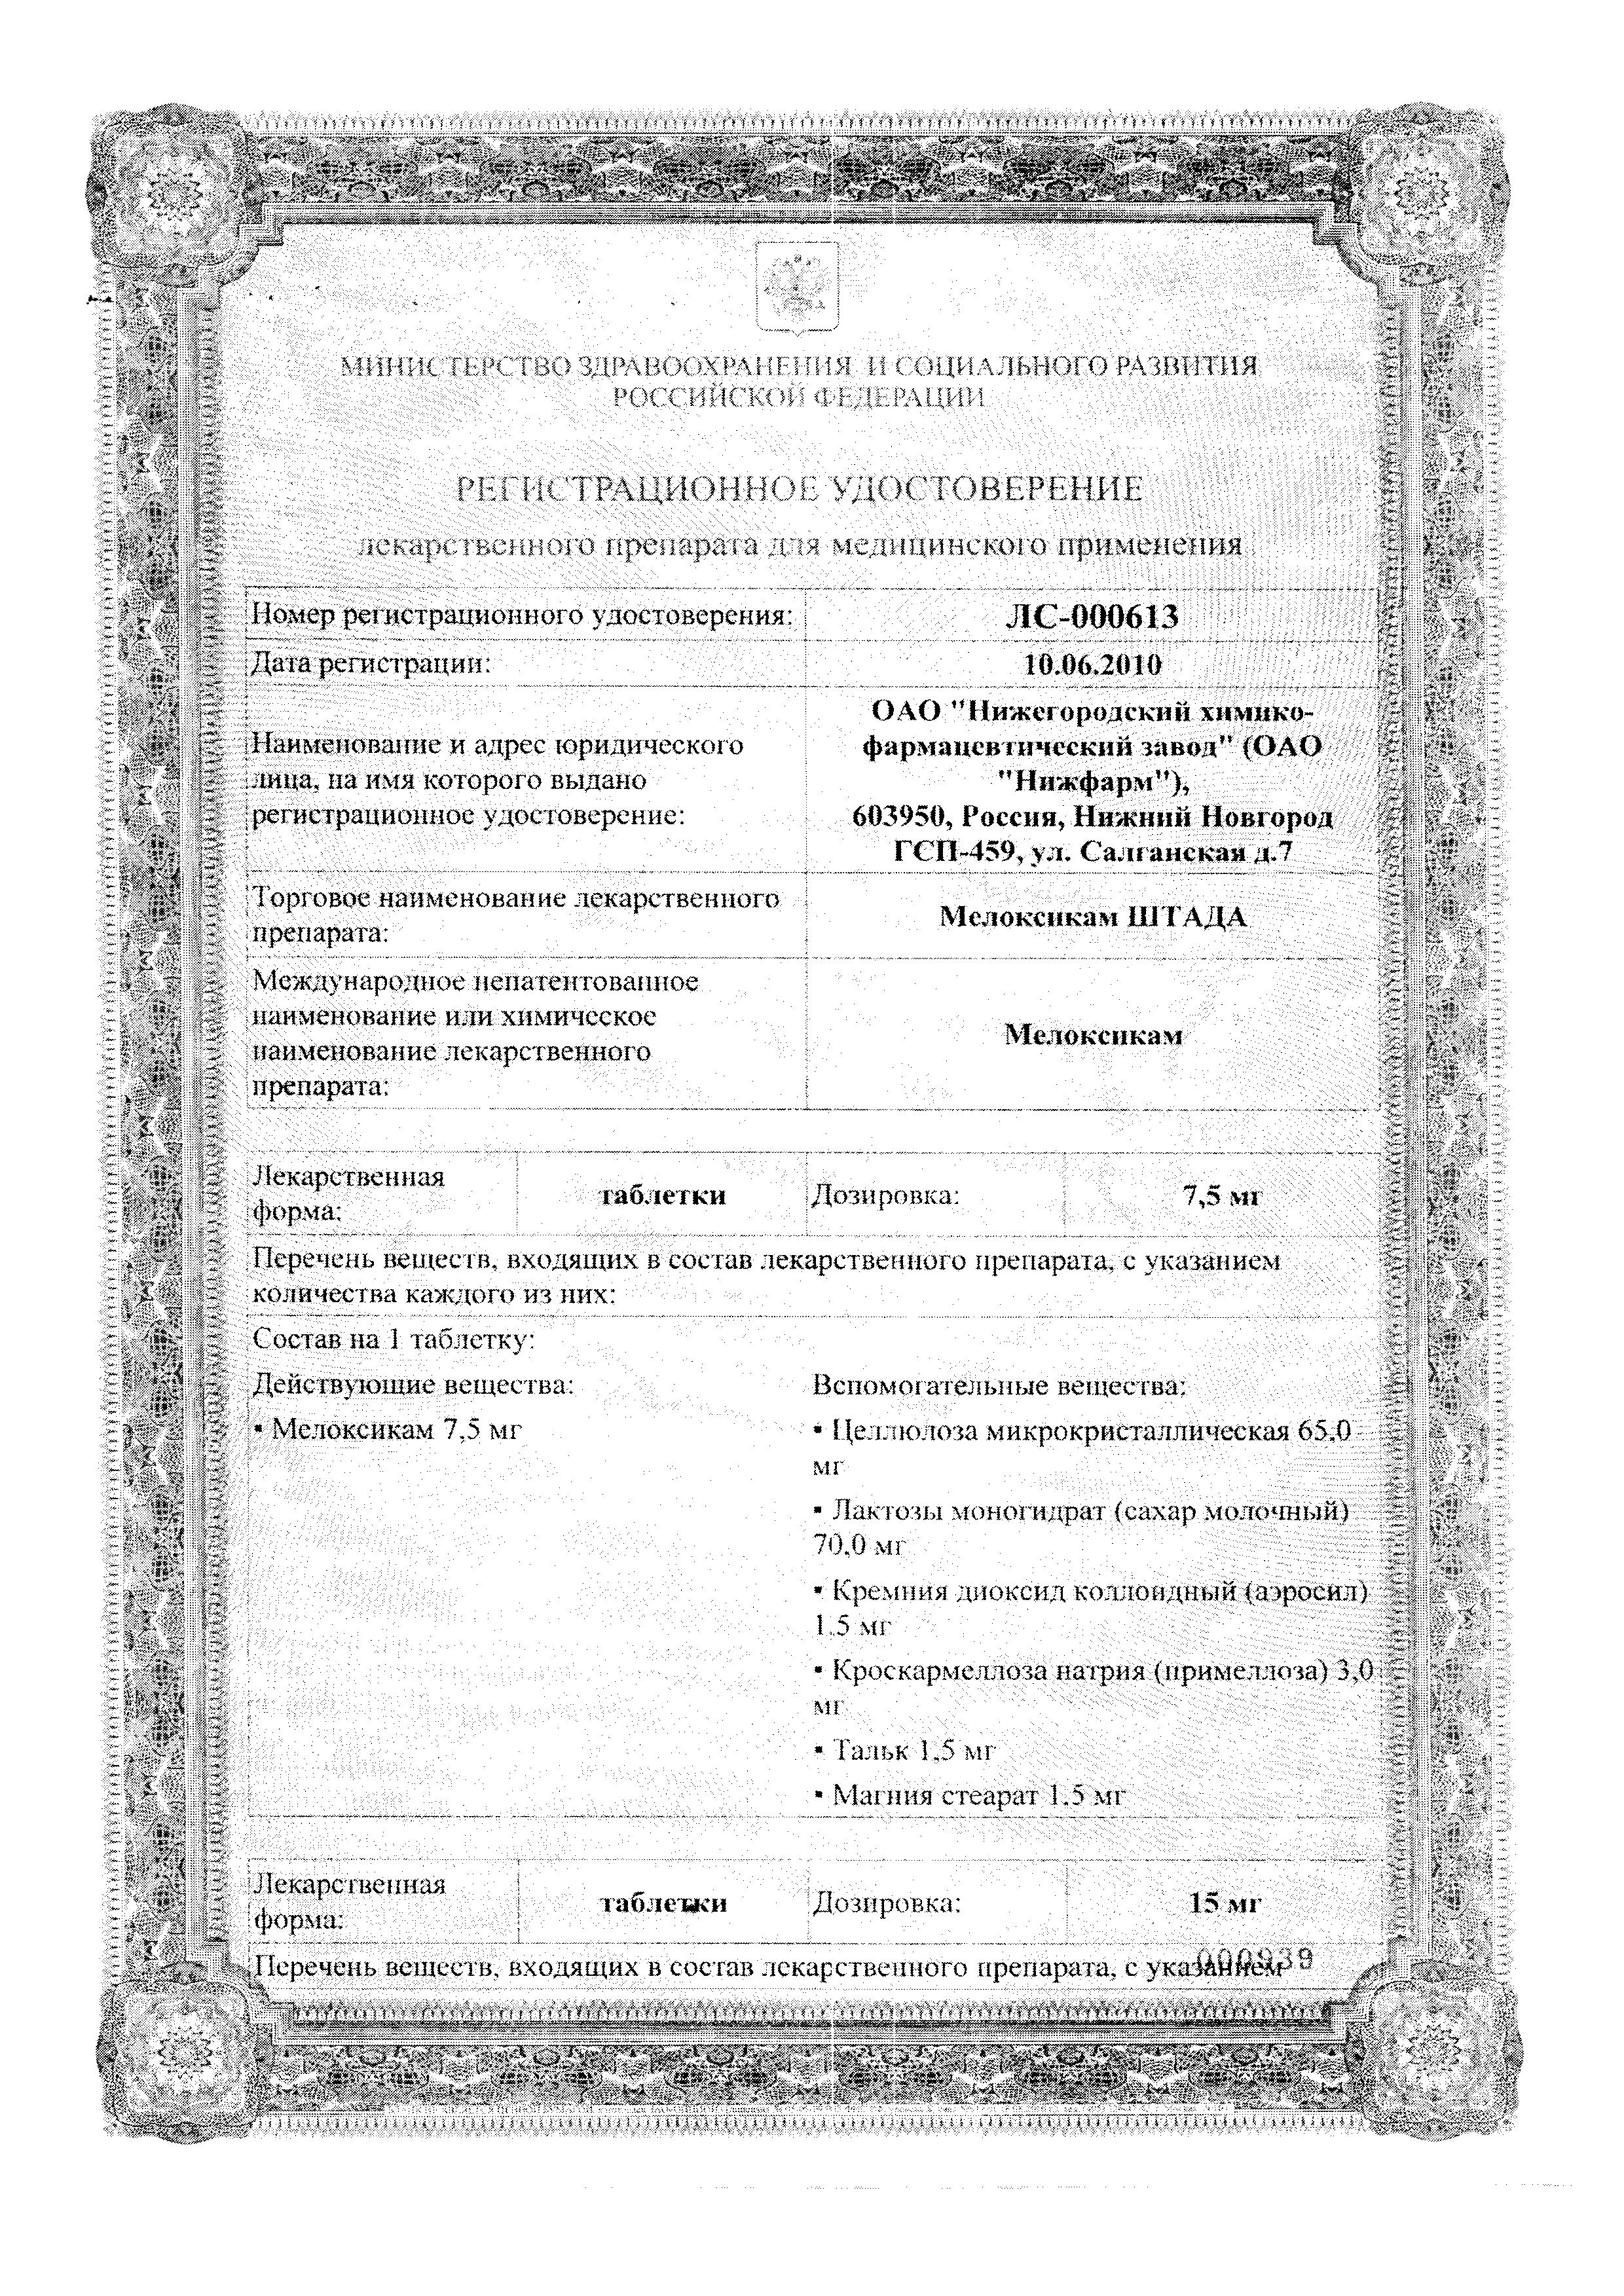 Мелоксикам Штада сертификат